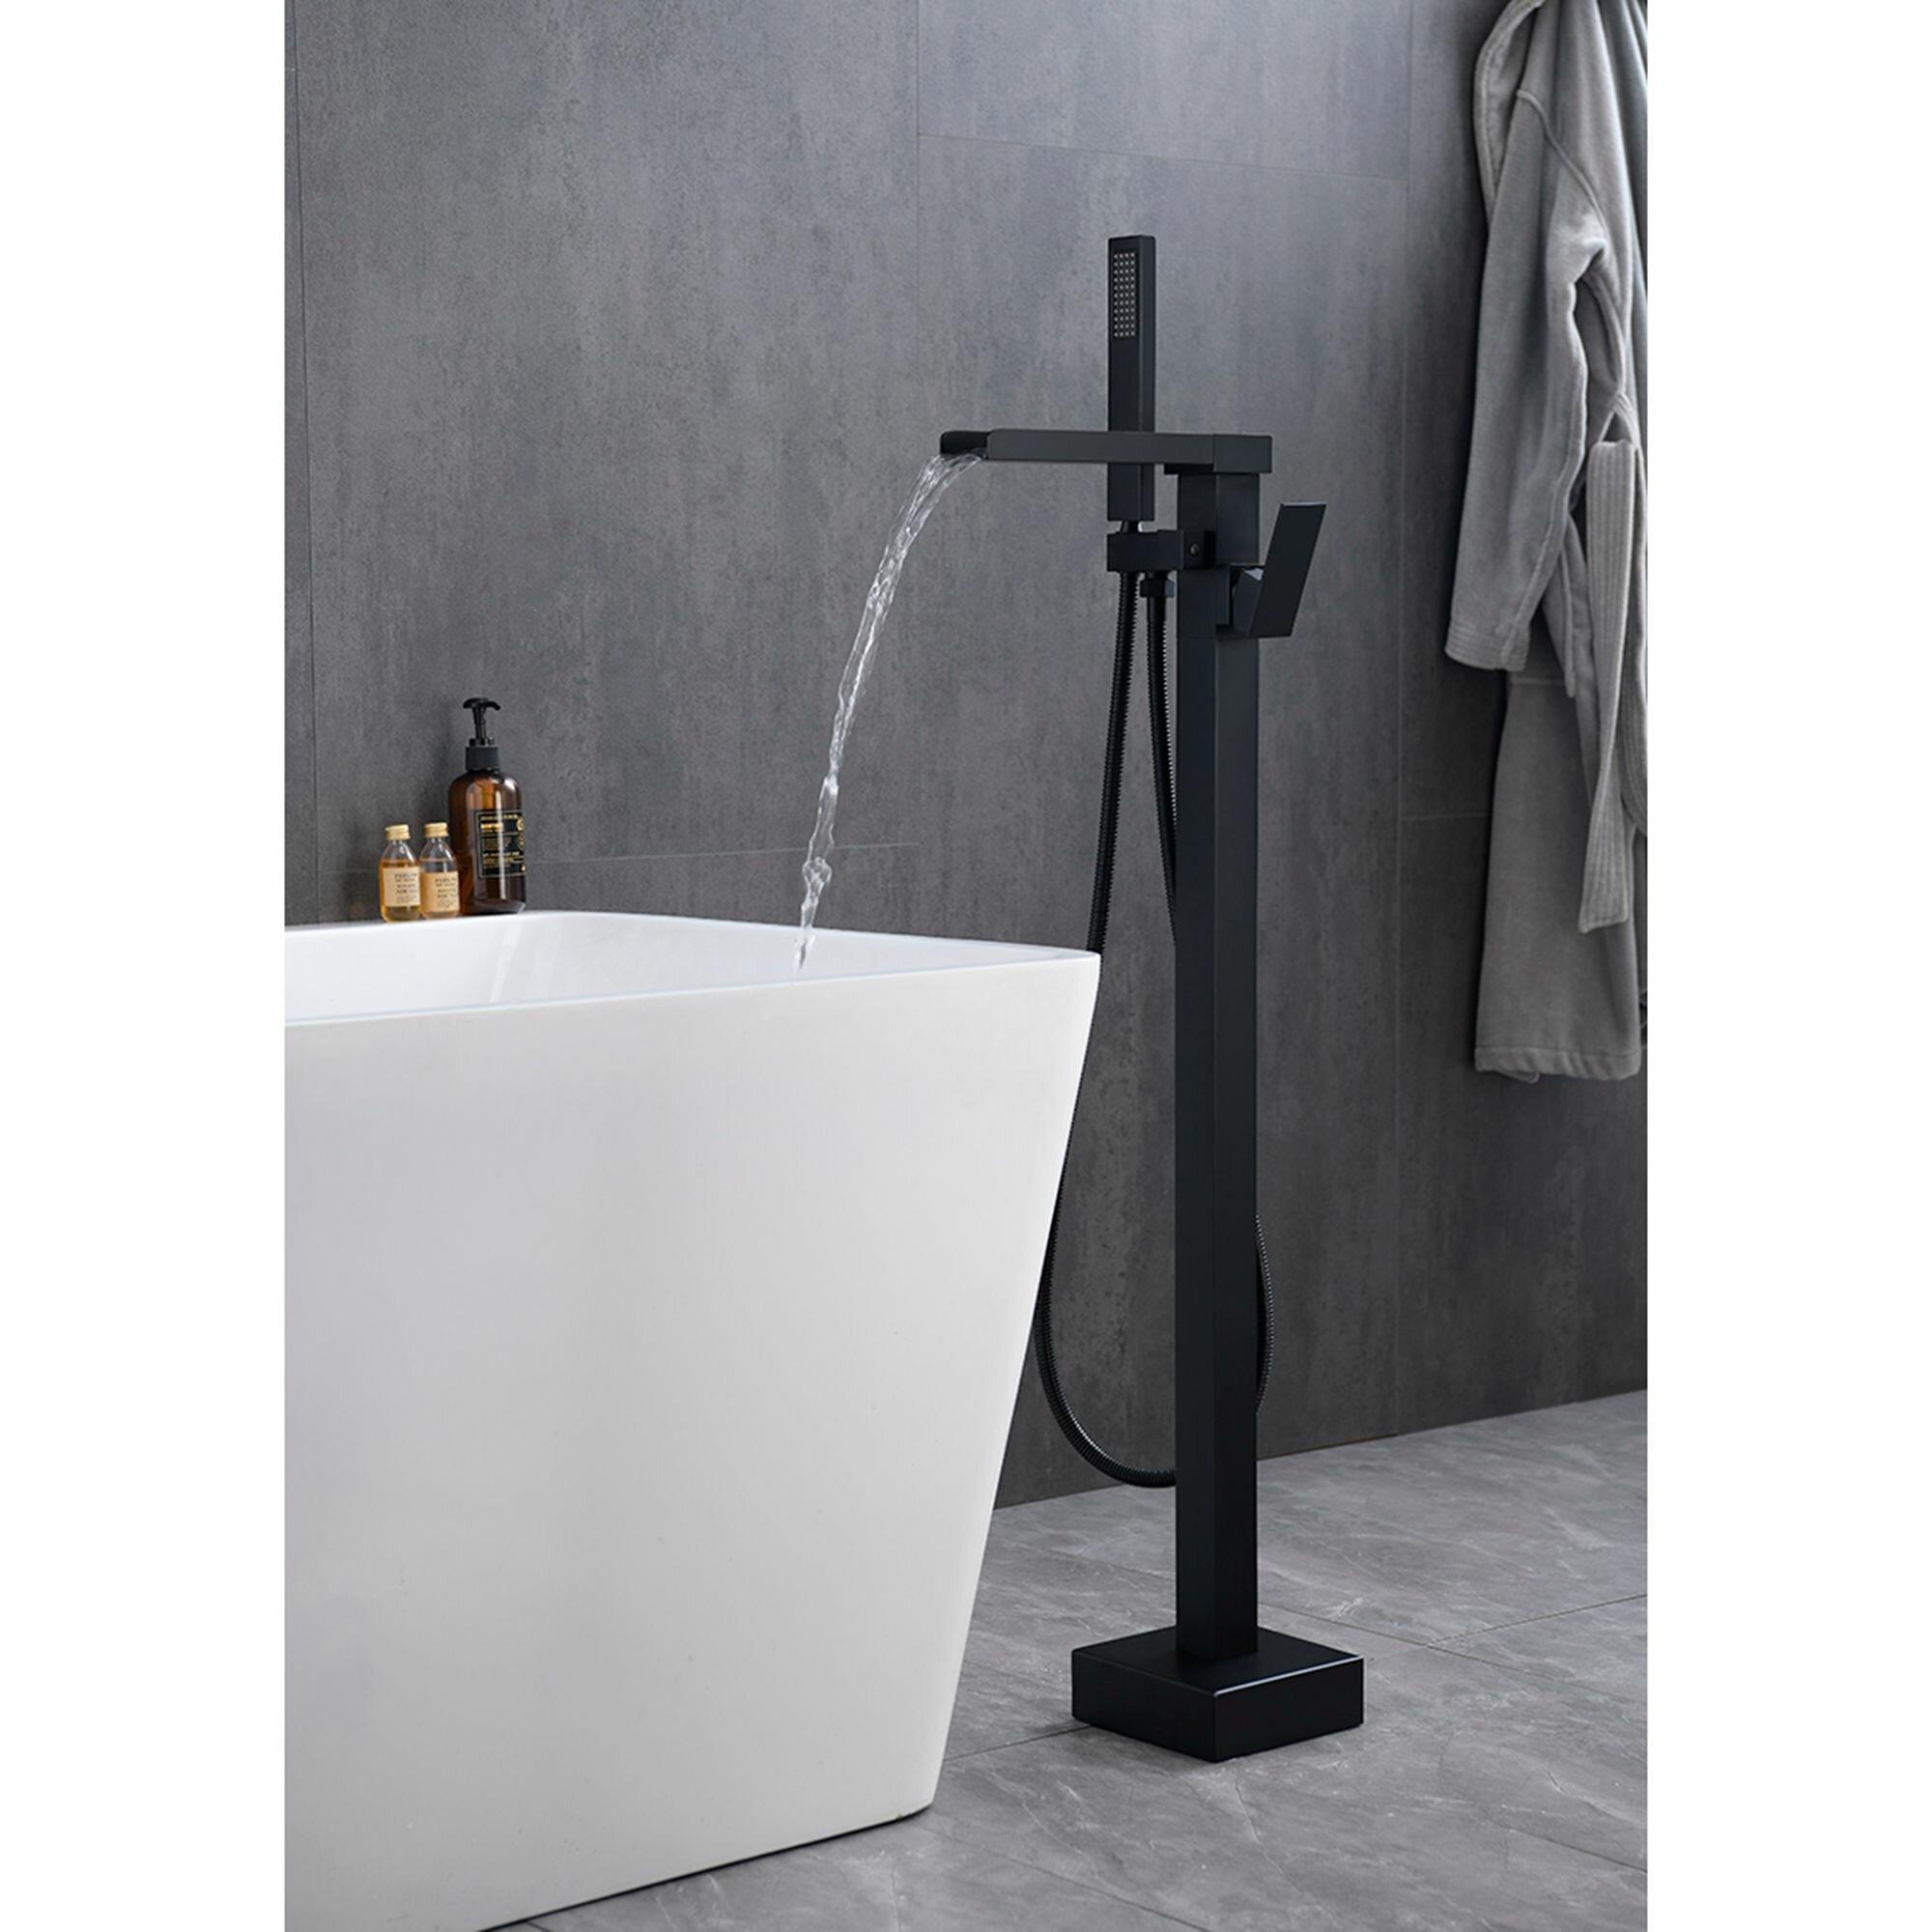 Matrix Decors Single Handle Floor Mounted Clawfoot Tub Faucet Wayfair